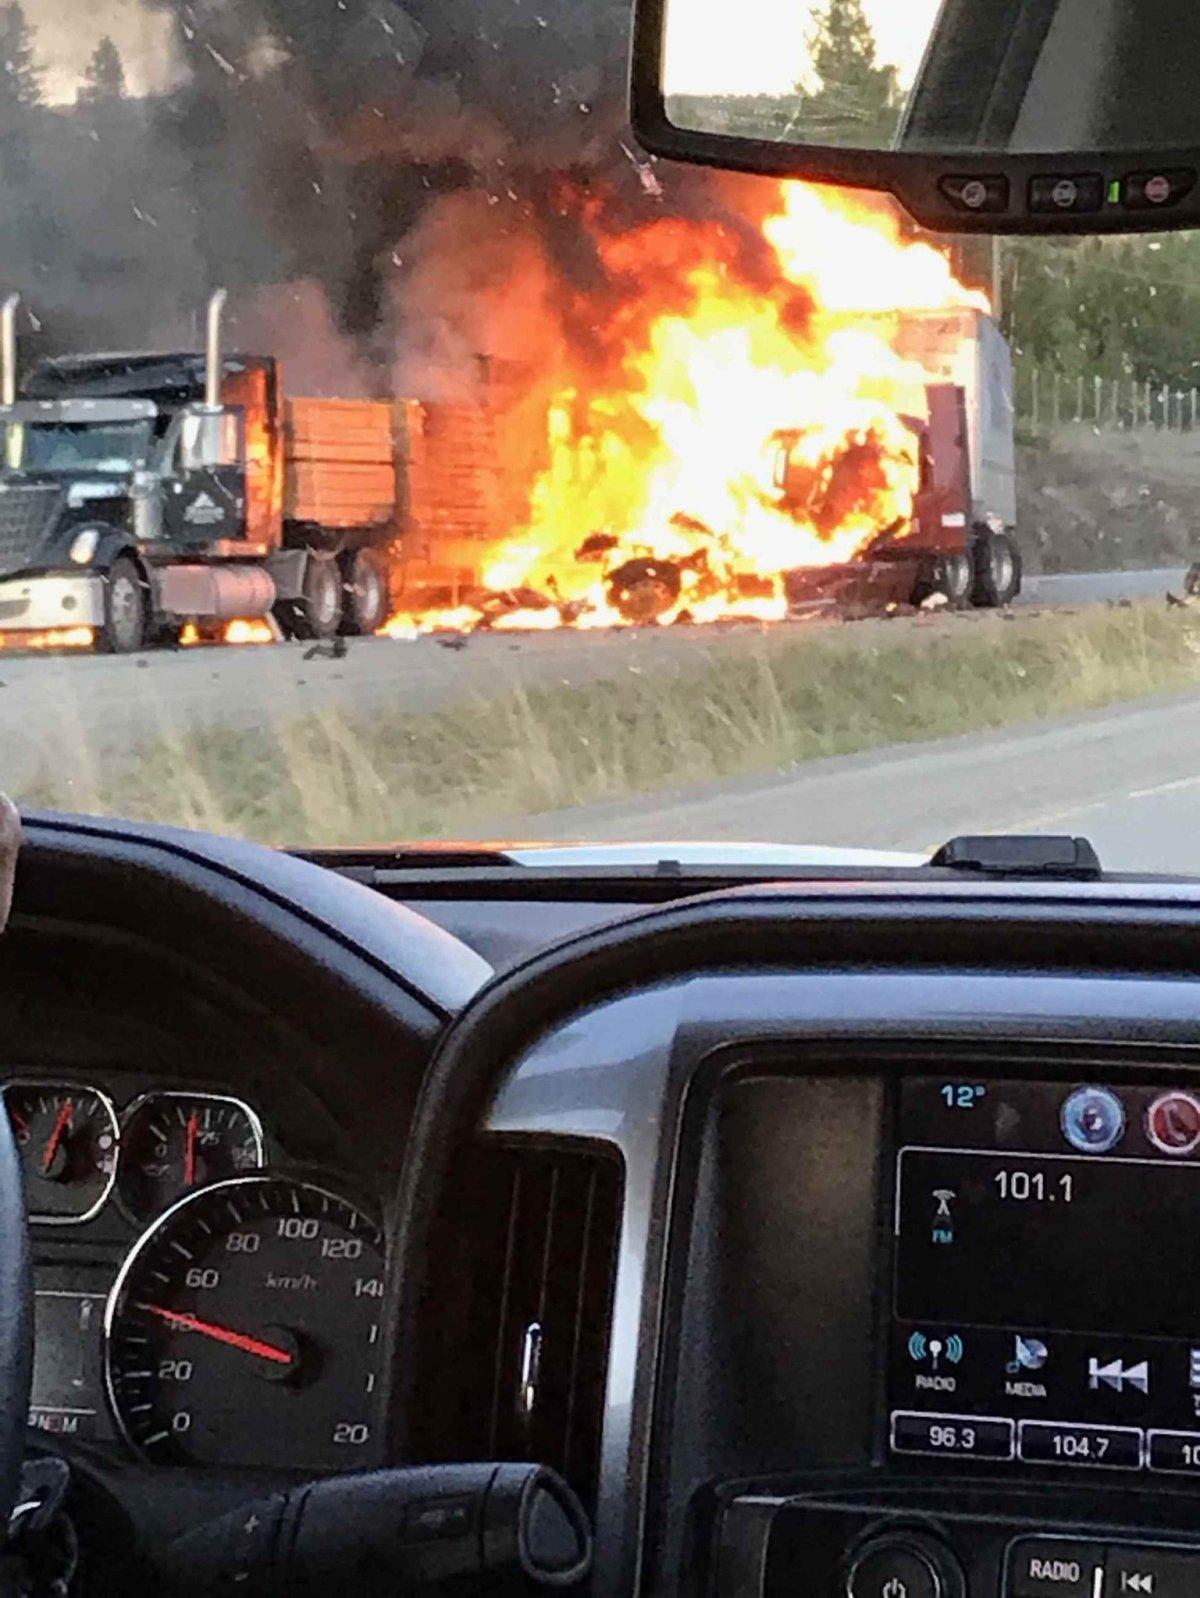 A fiery crash on the Okanagan Connector near Merritt Wednesday night has claimed one life.